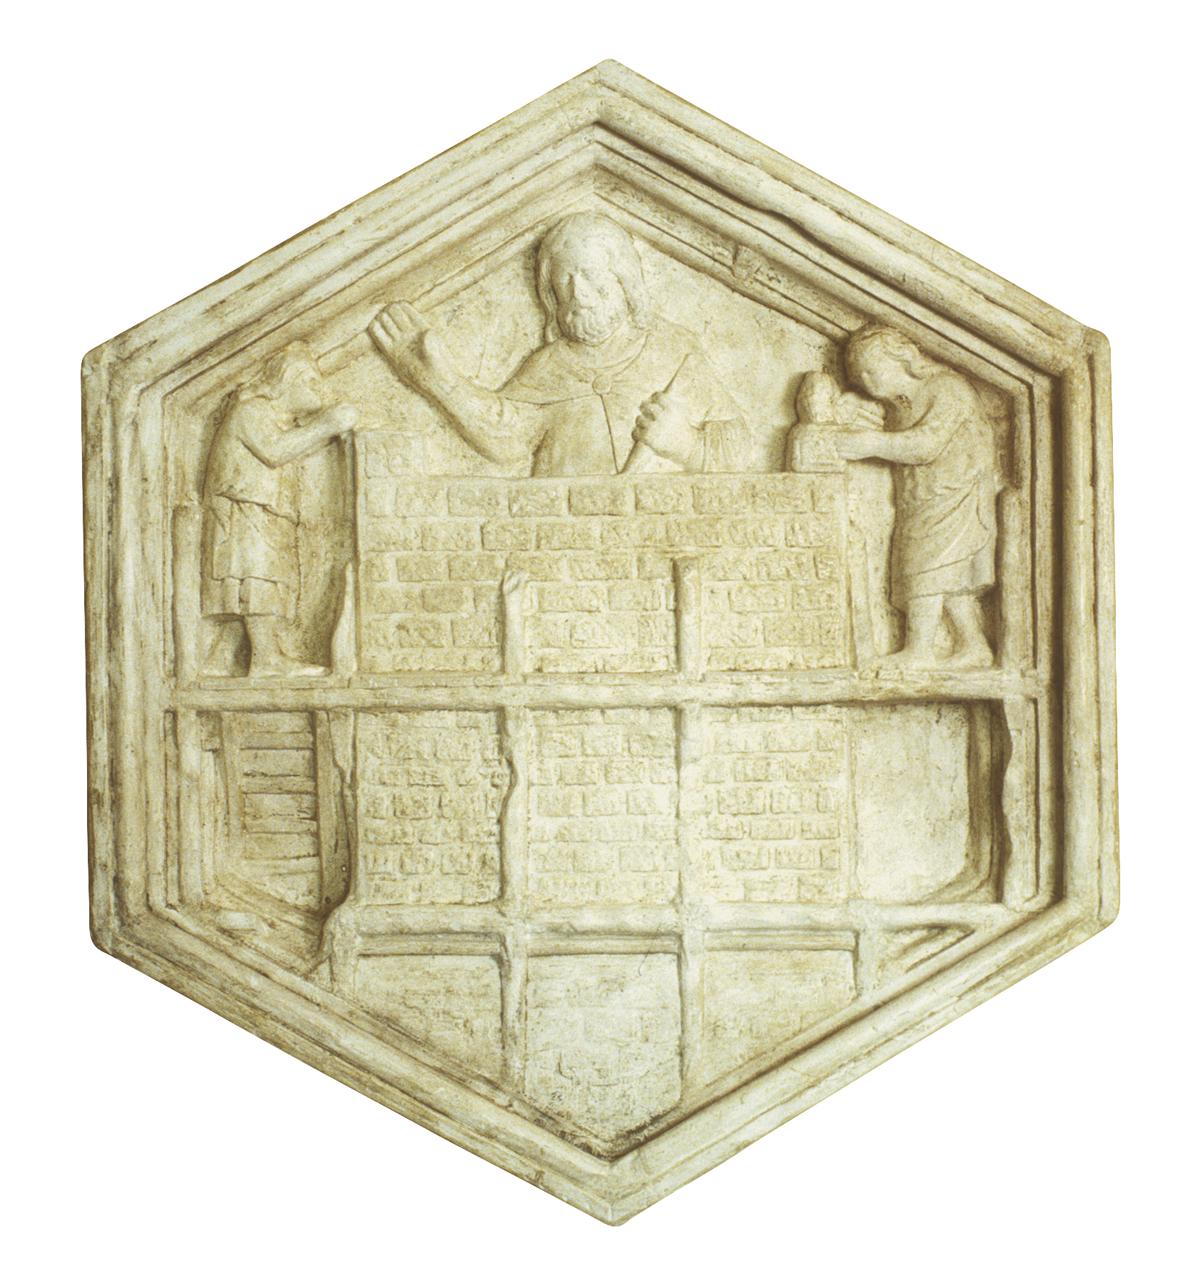 L'arte del costruire formella del campanile di Giotto (copia in gesso)